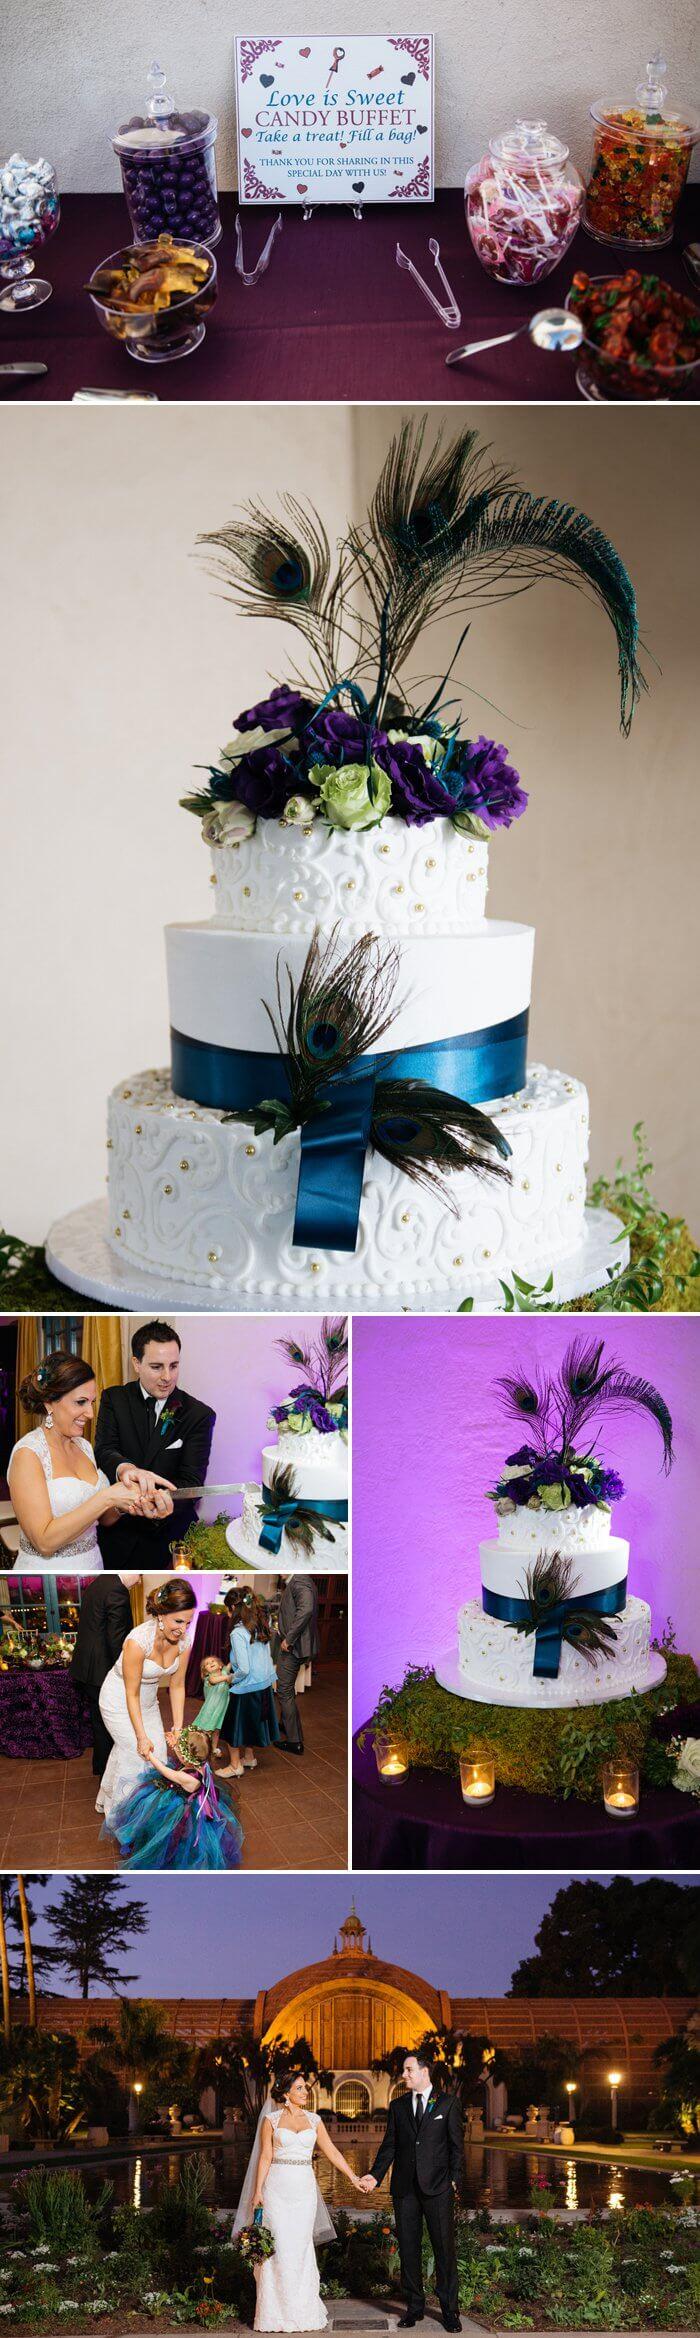 Pfauenfedern zur Hochzeit